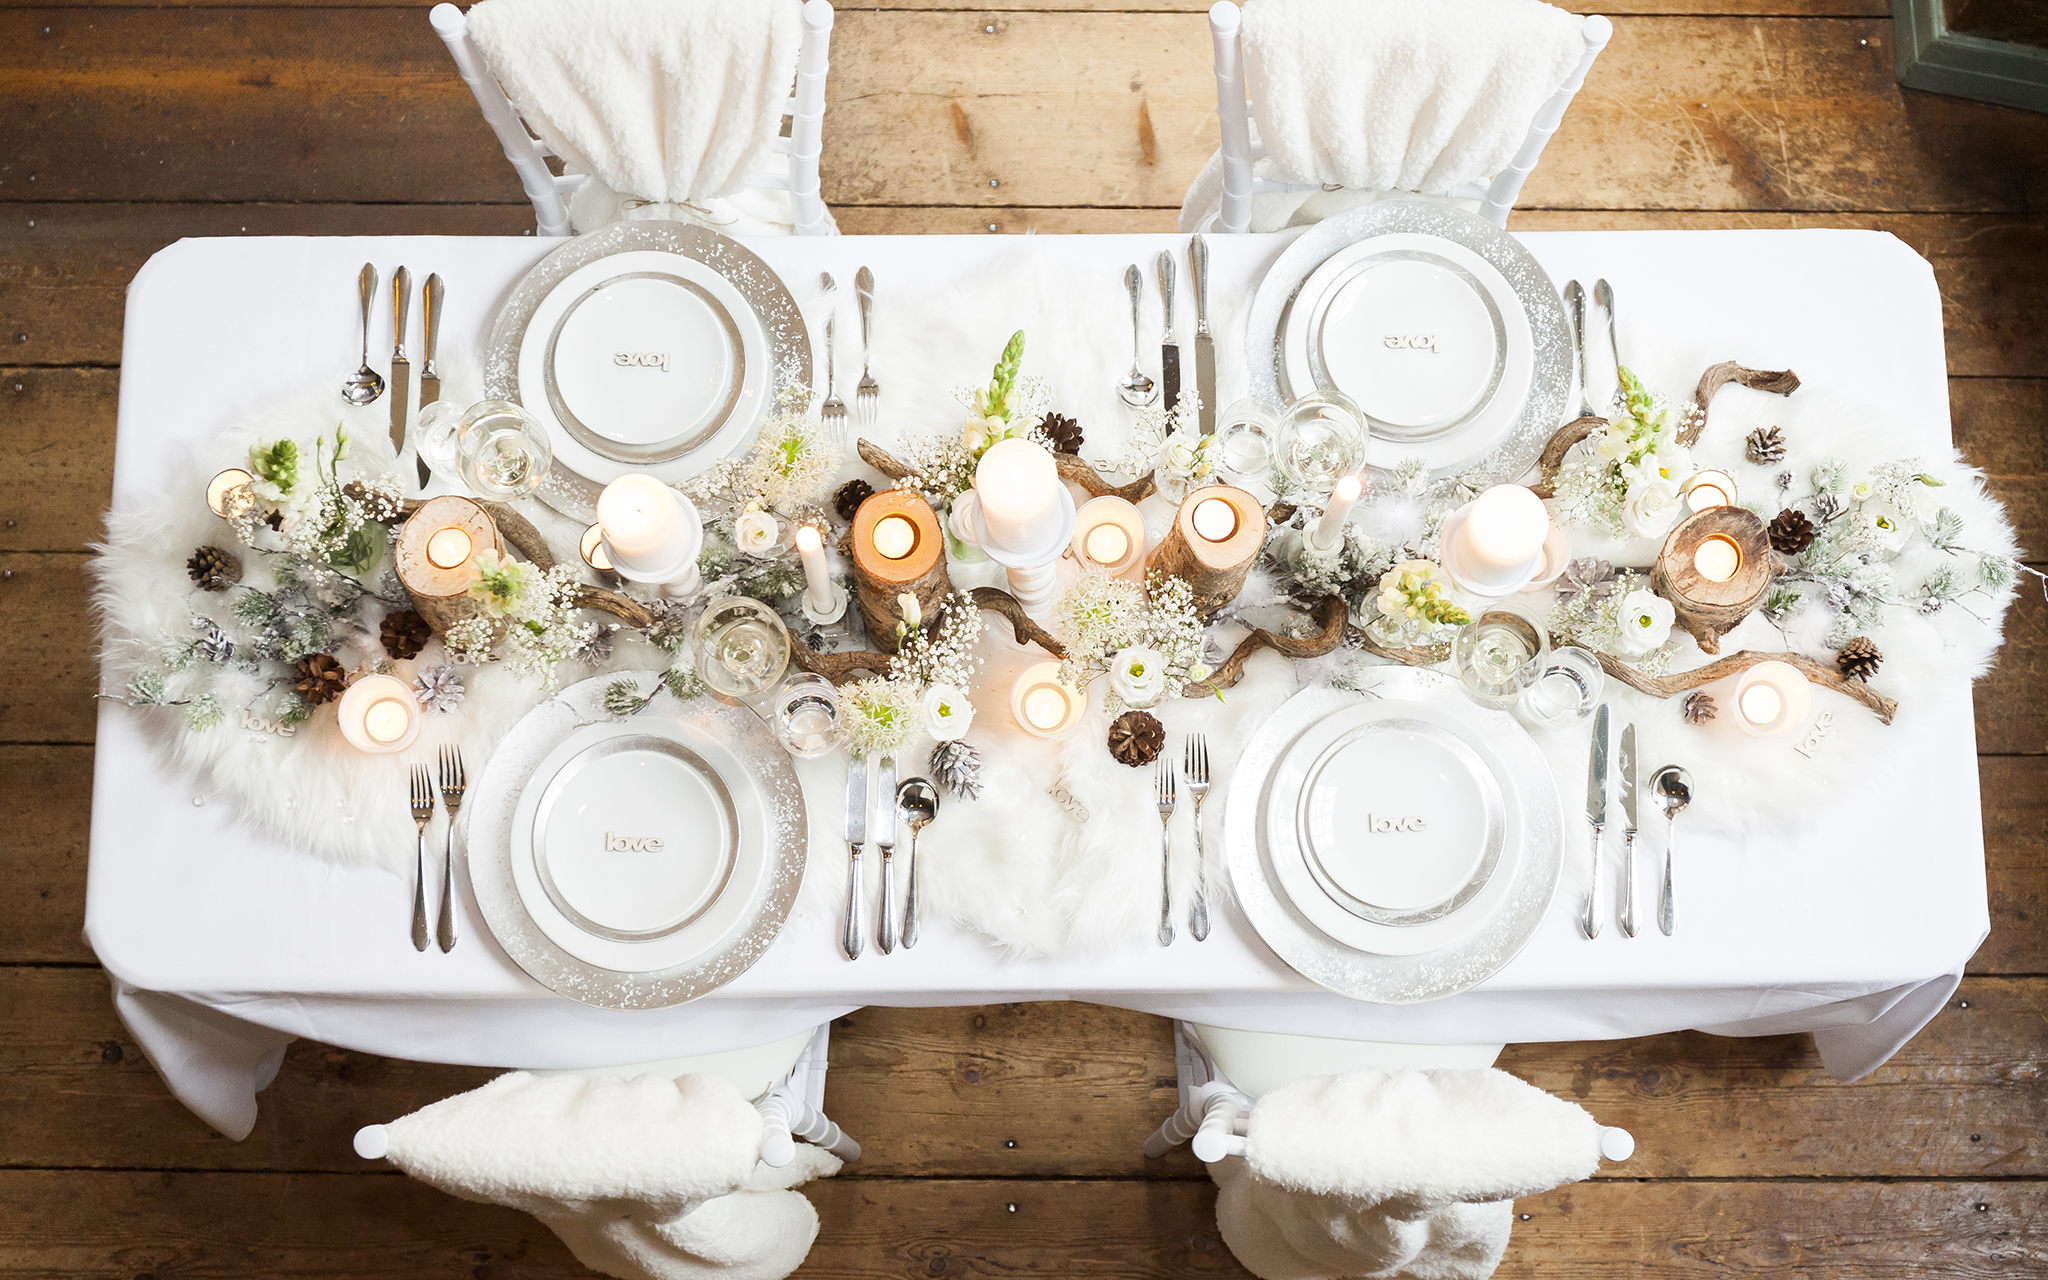 Genoeg Bruiloftsdecoratie tips voor elk budget | ThePerfectWedding.nl @CQ56